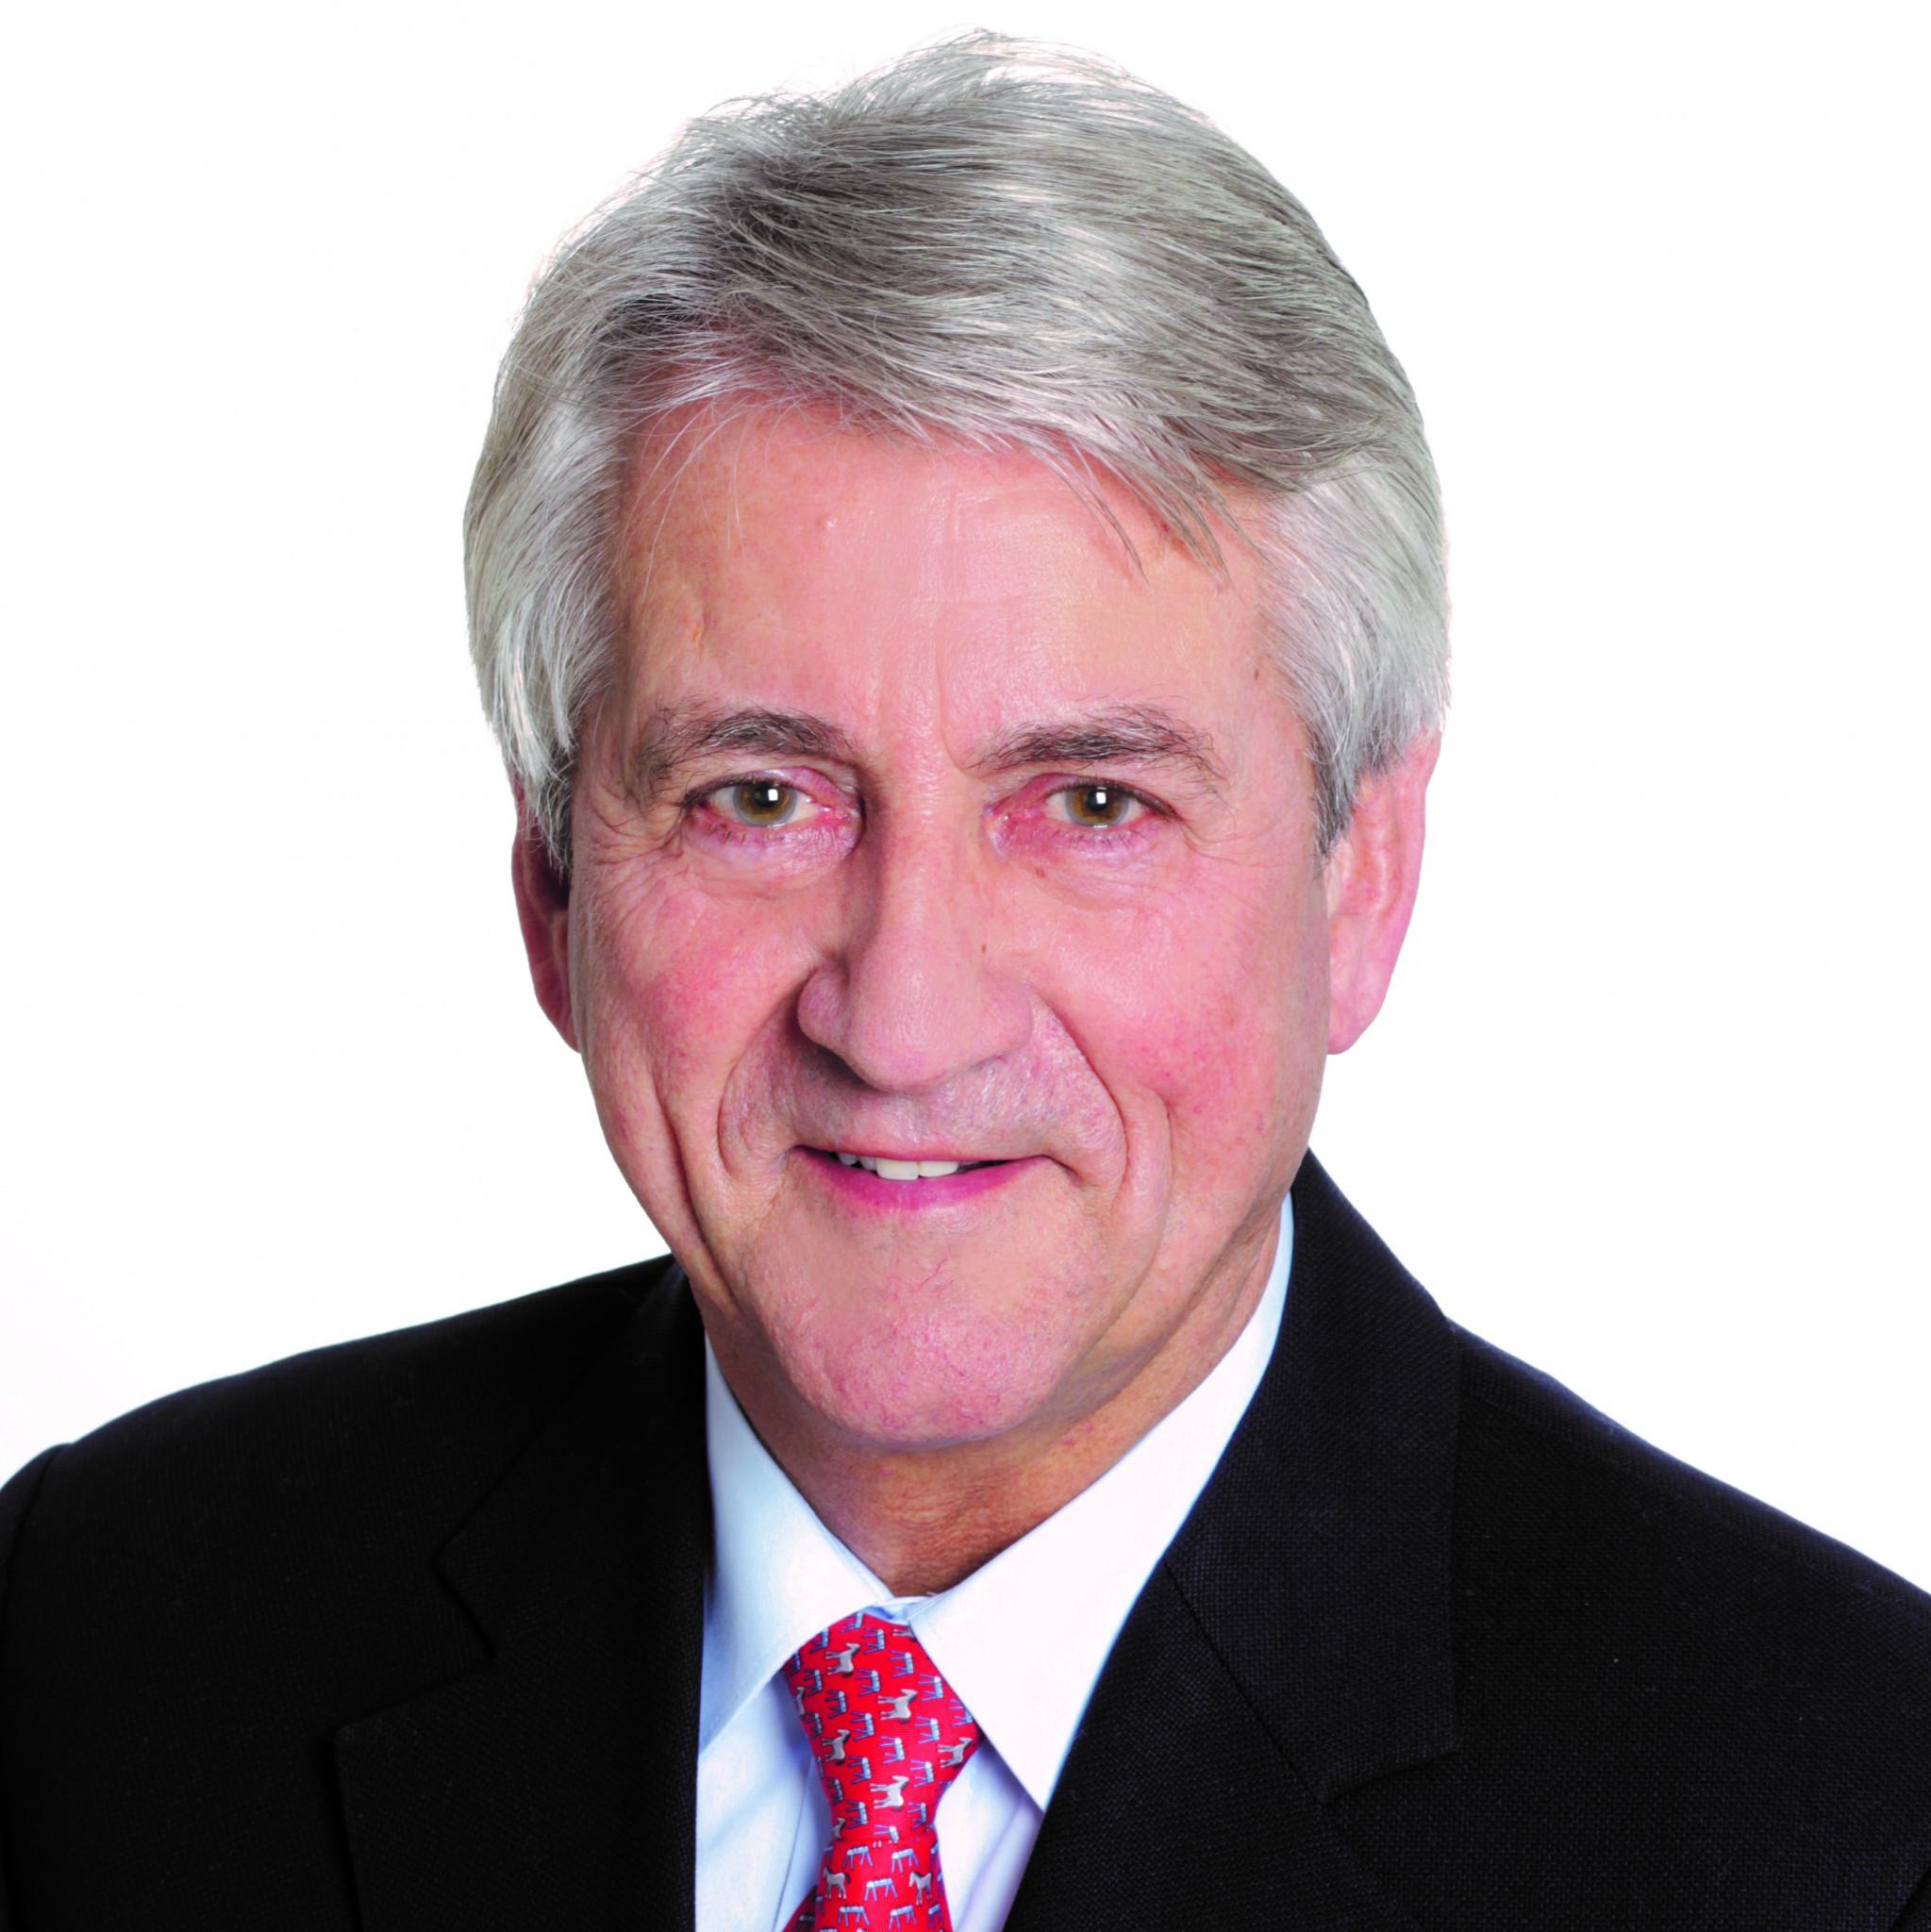 Klaus Schormann